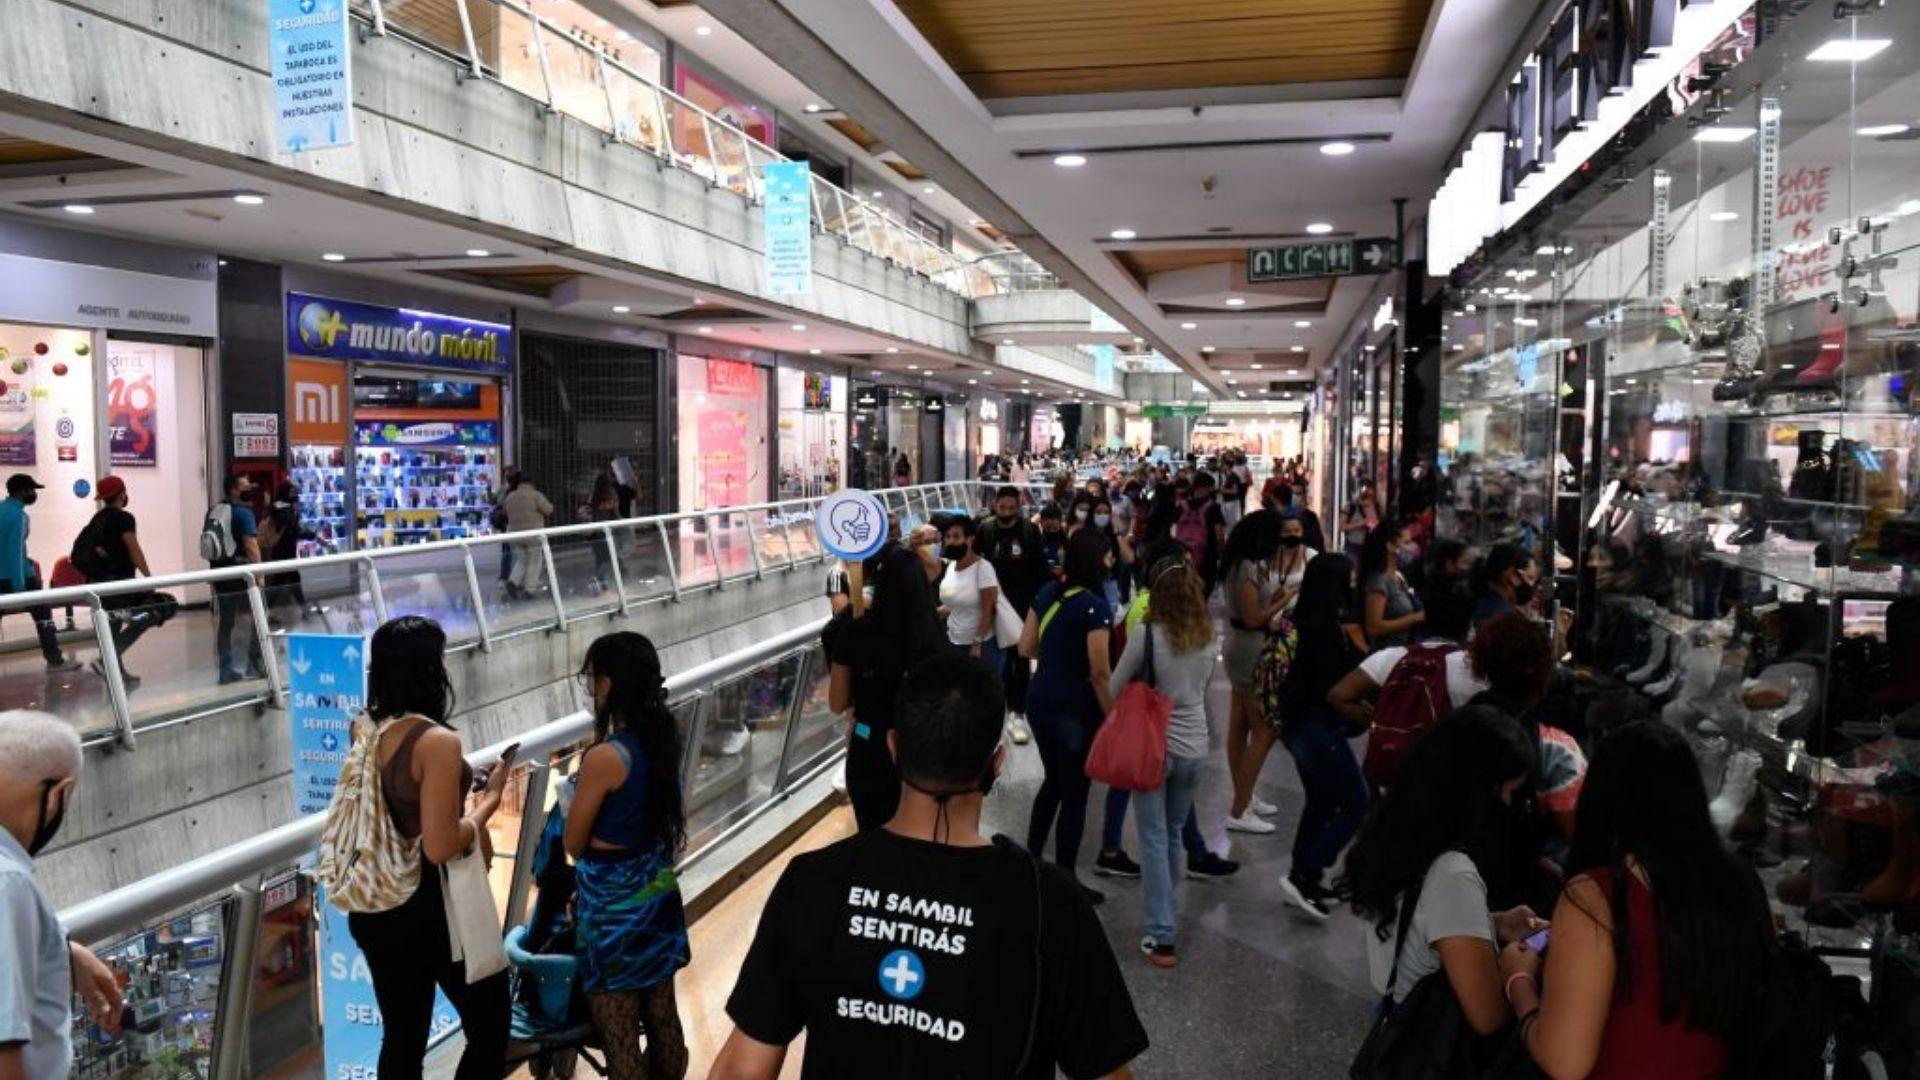 Centros comerciales piden al gobierno ampliar horarios laborales